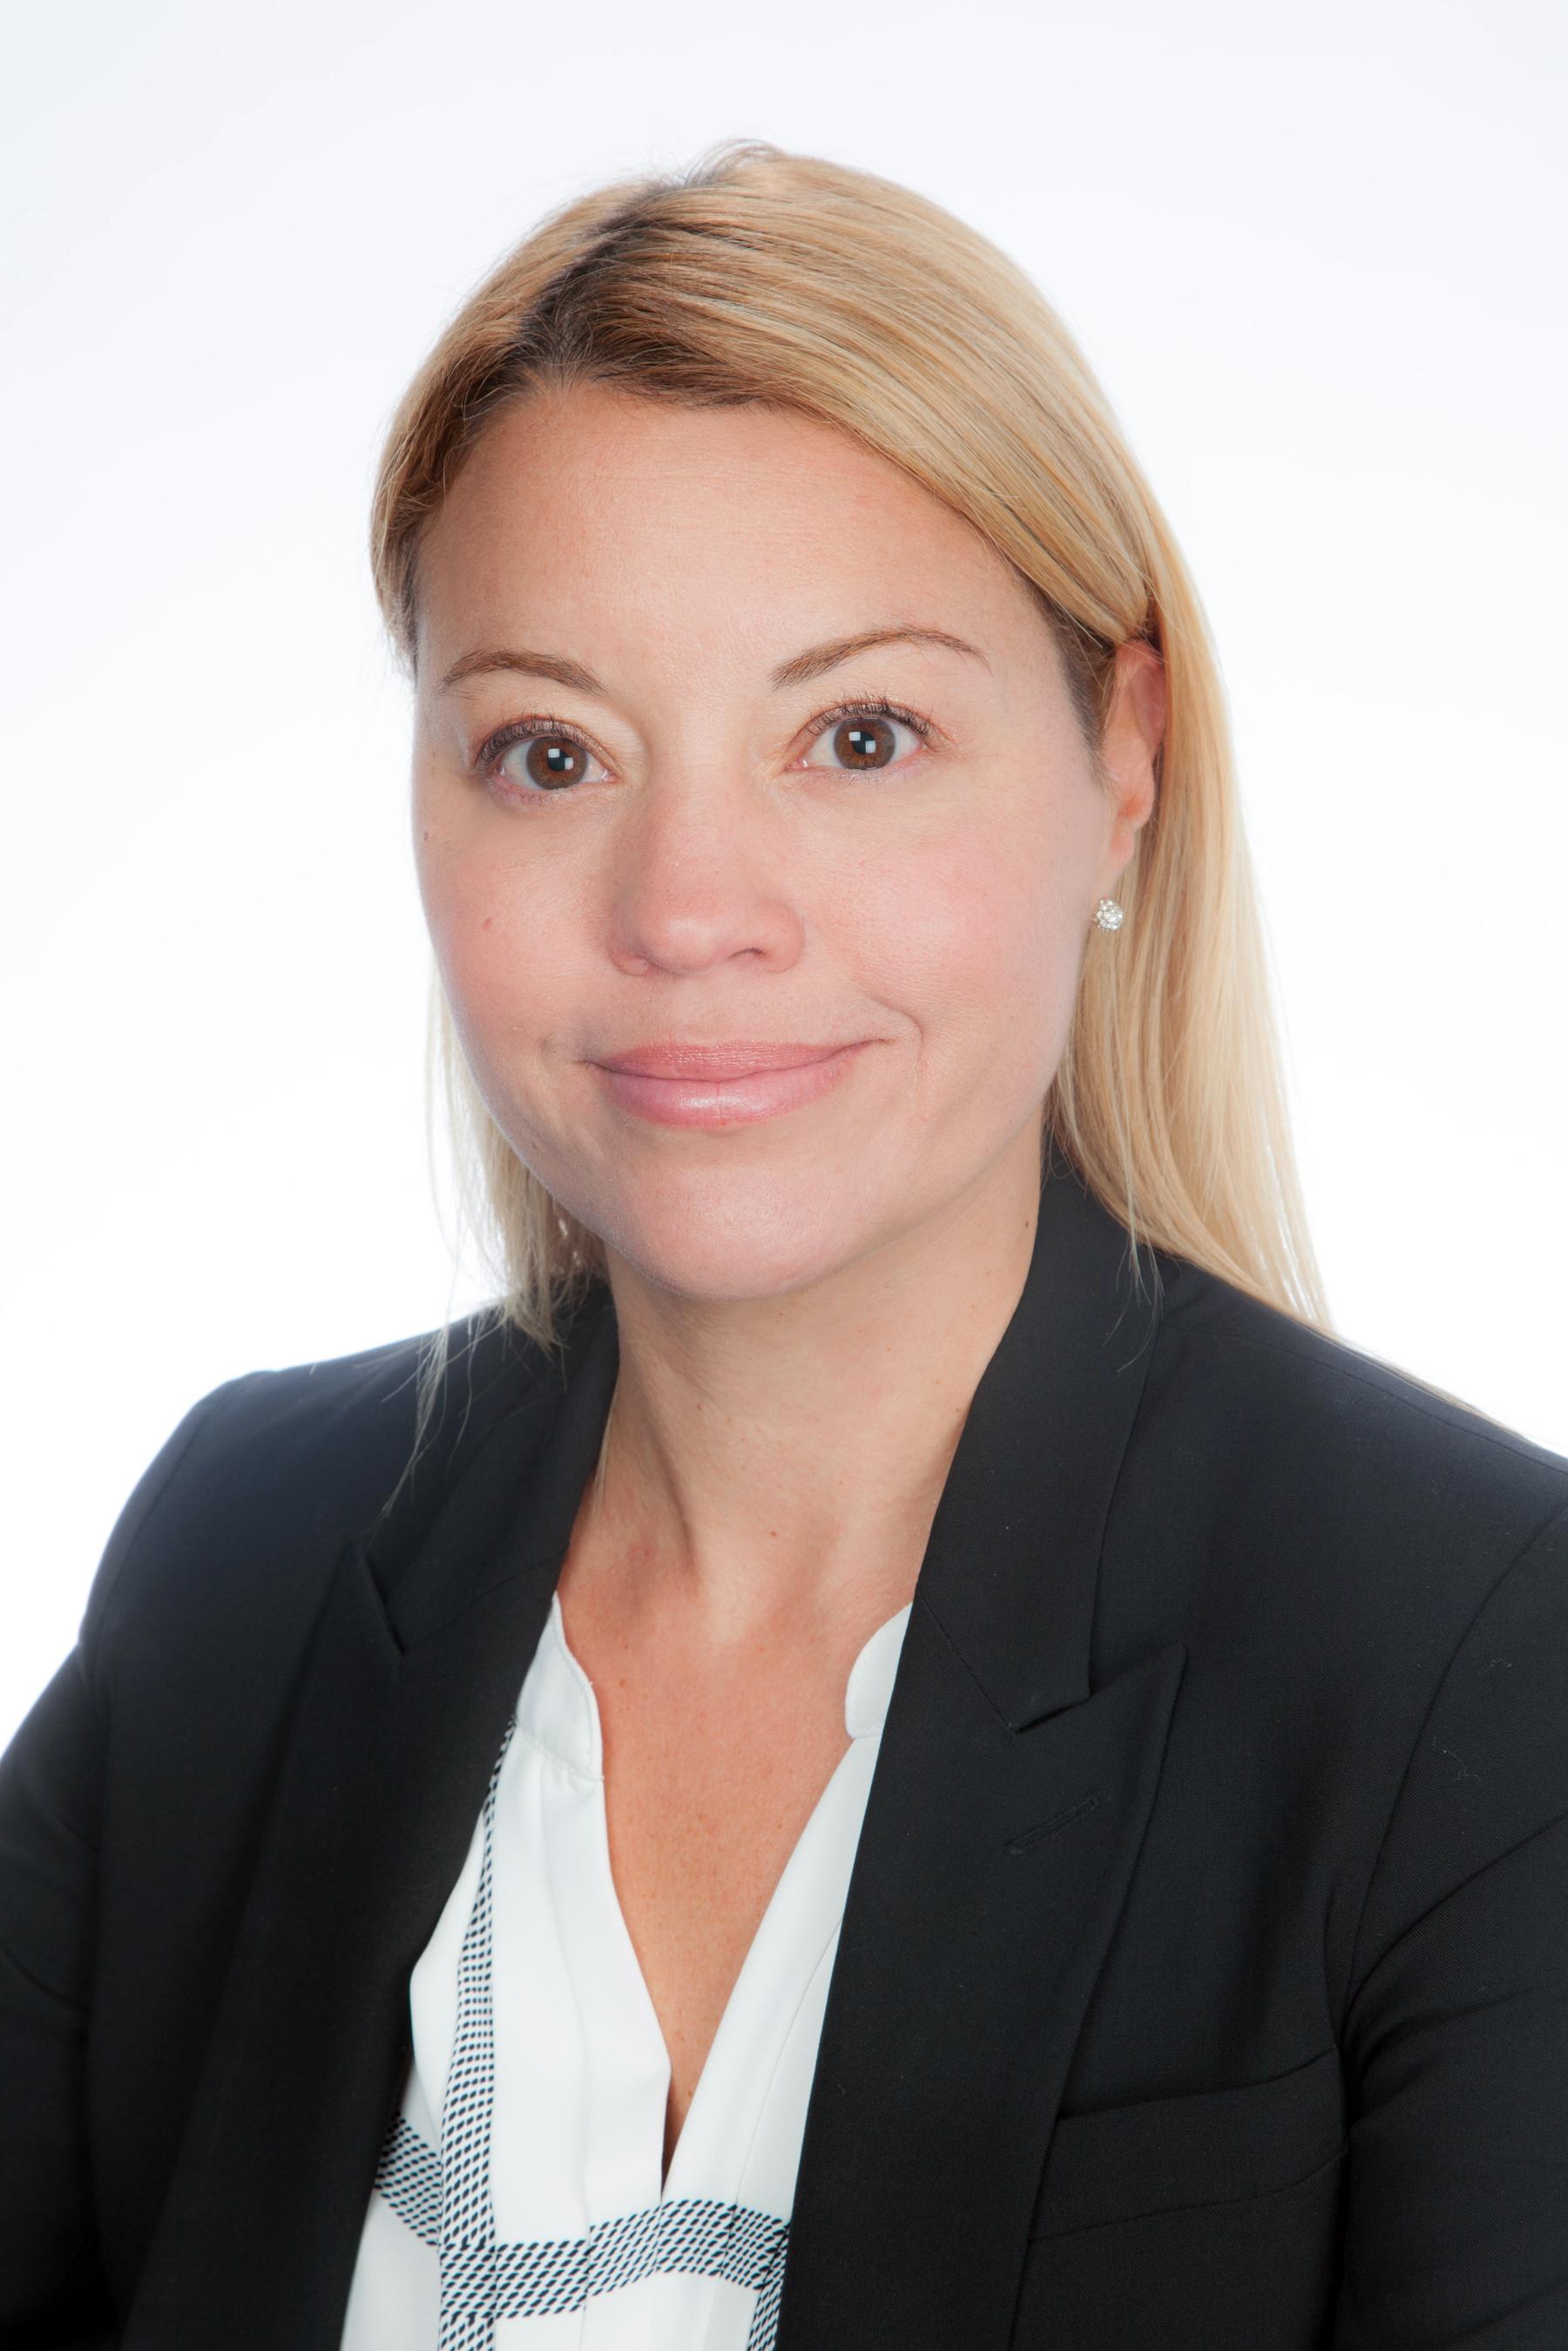 Deborah Dioguardi, NIF Group